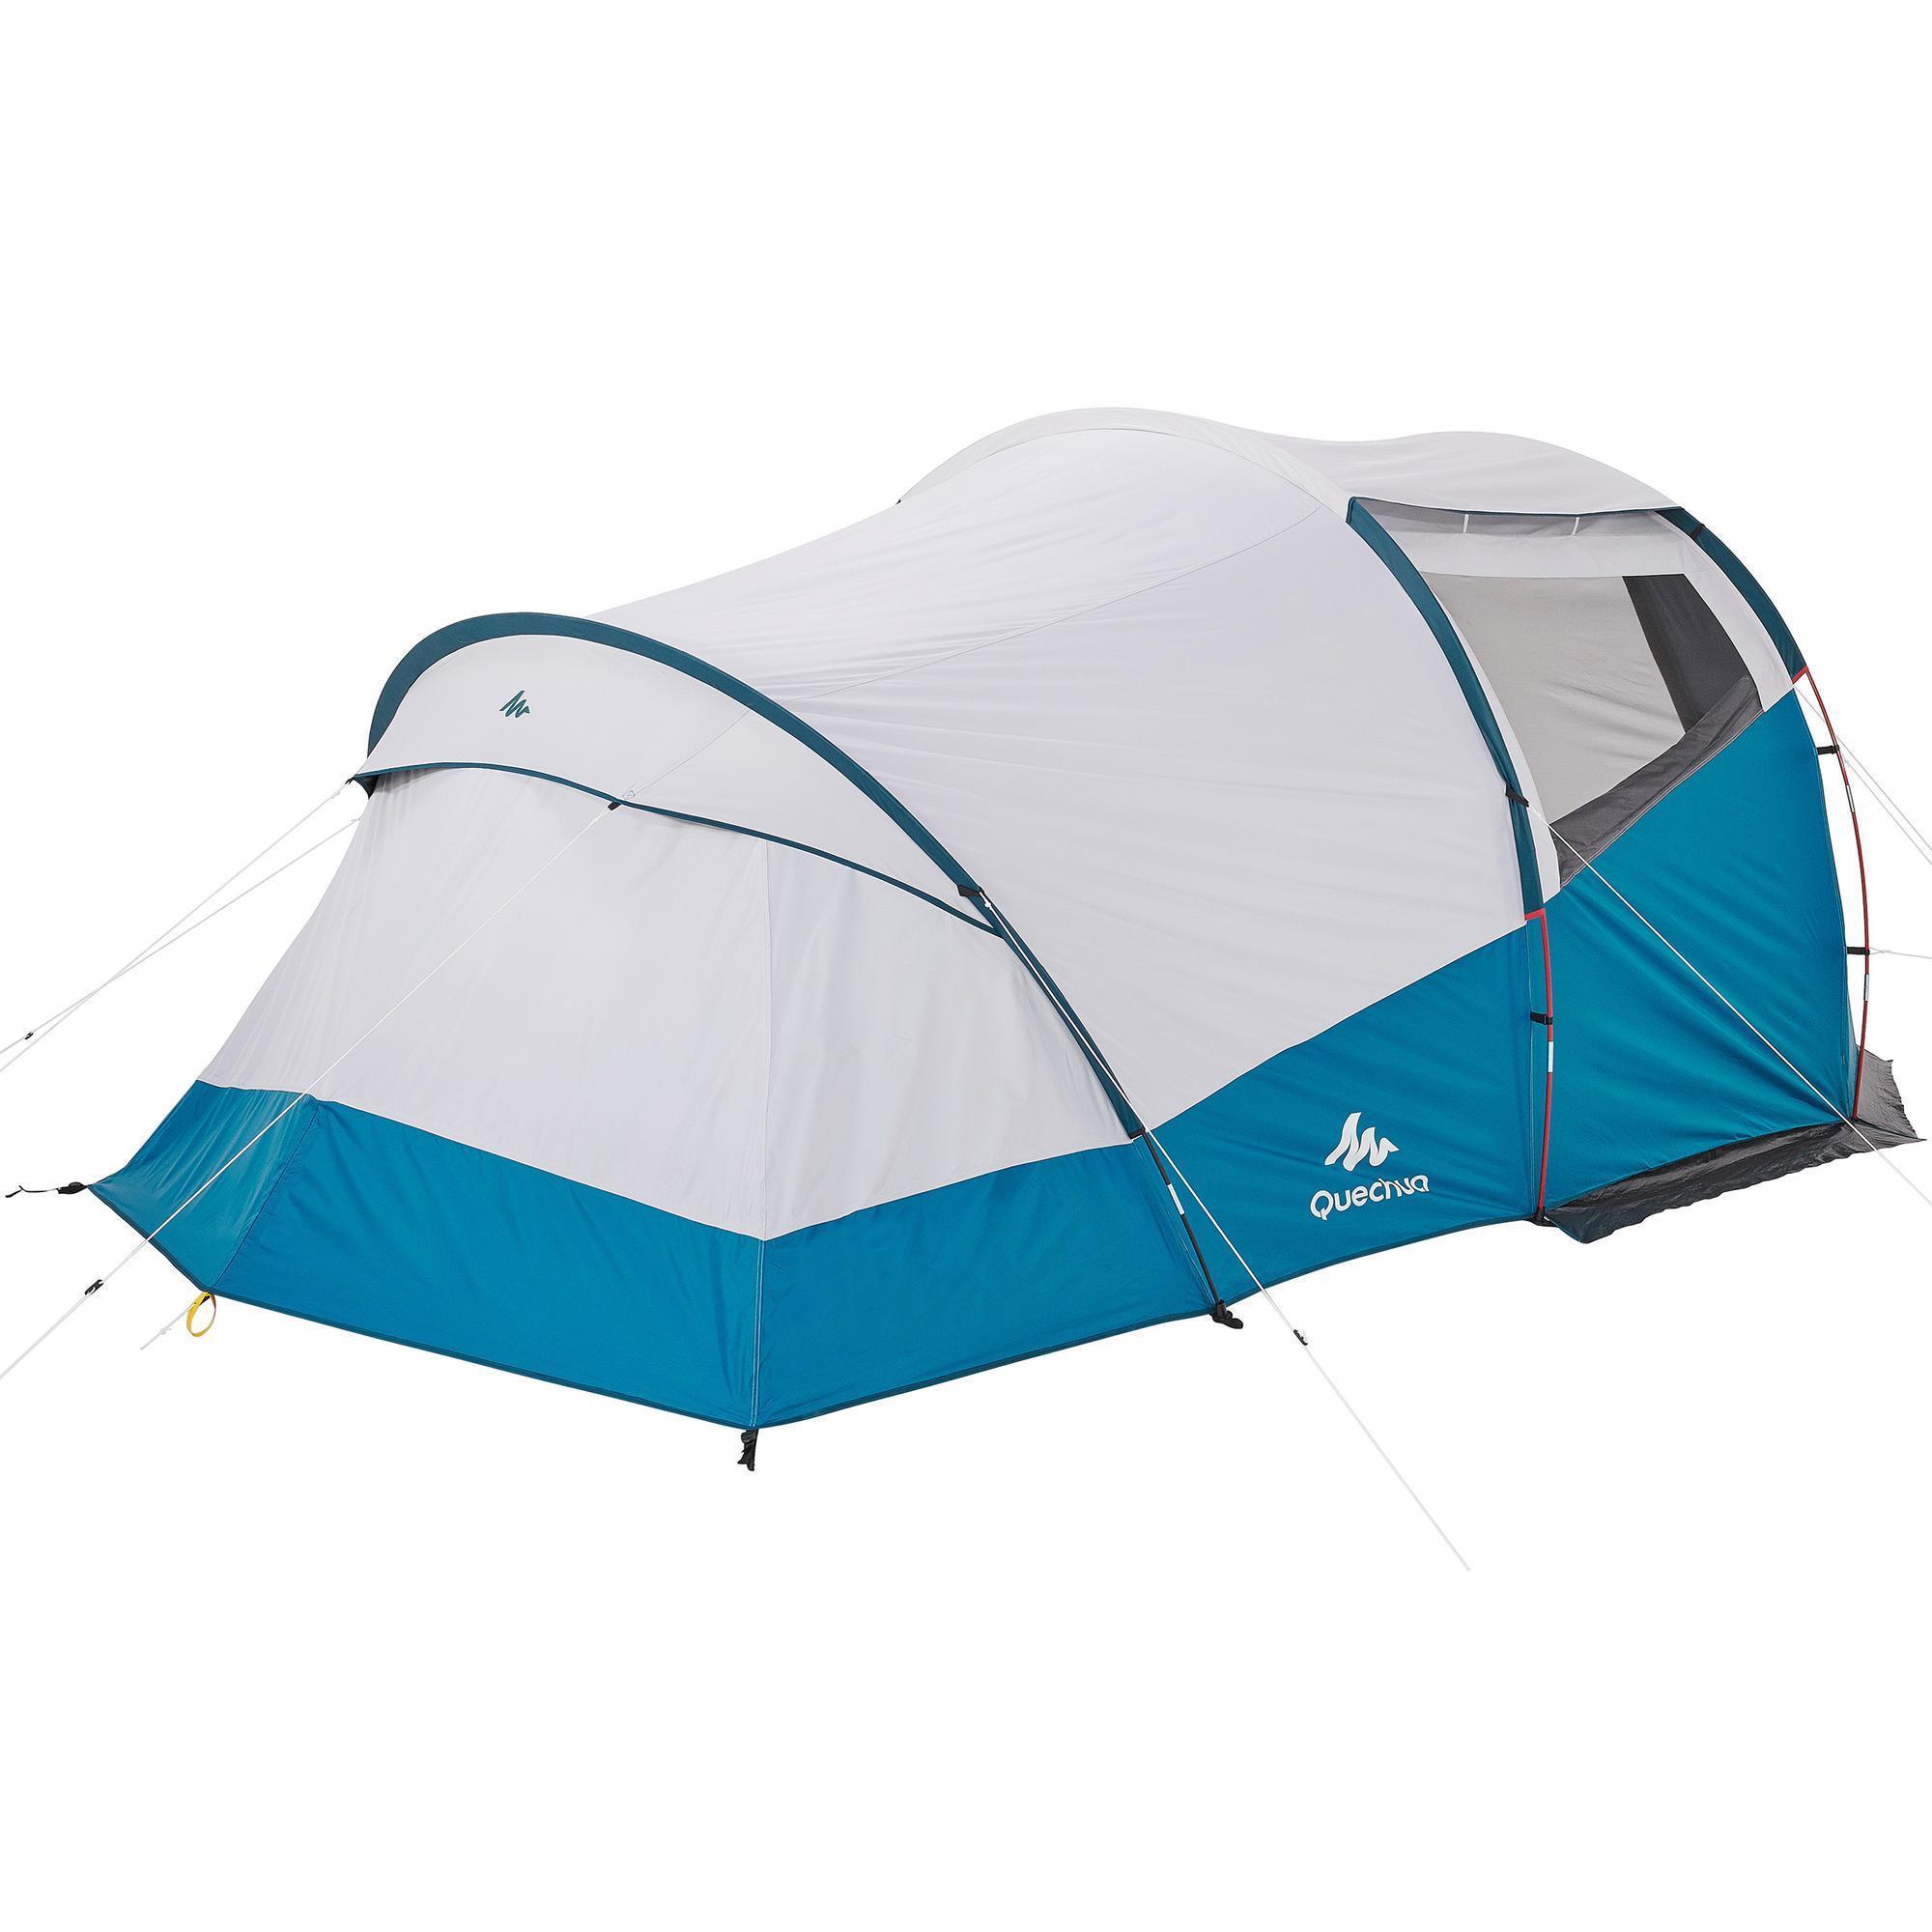 tente a arceaux de camping arpenaz 4 1 f b 4 personnes 1 chambre